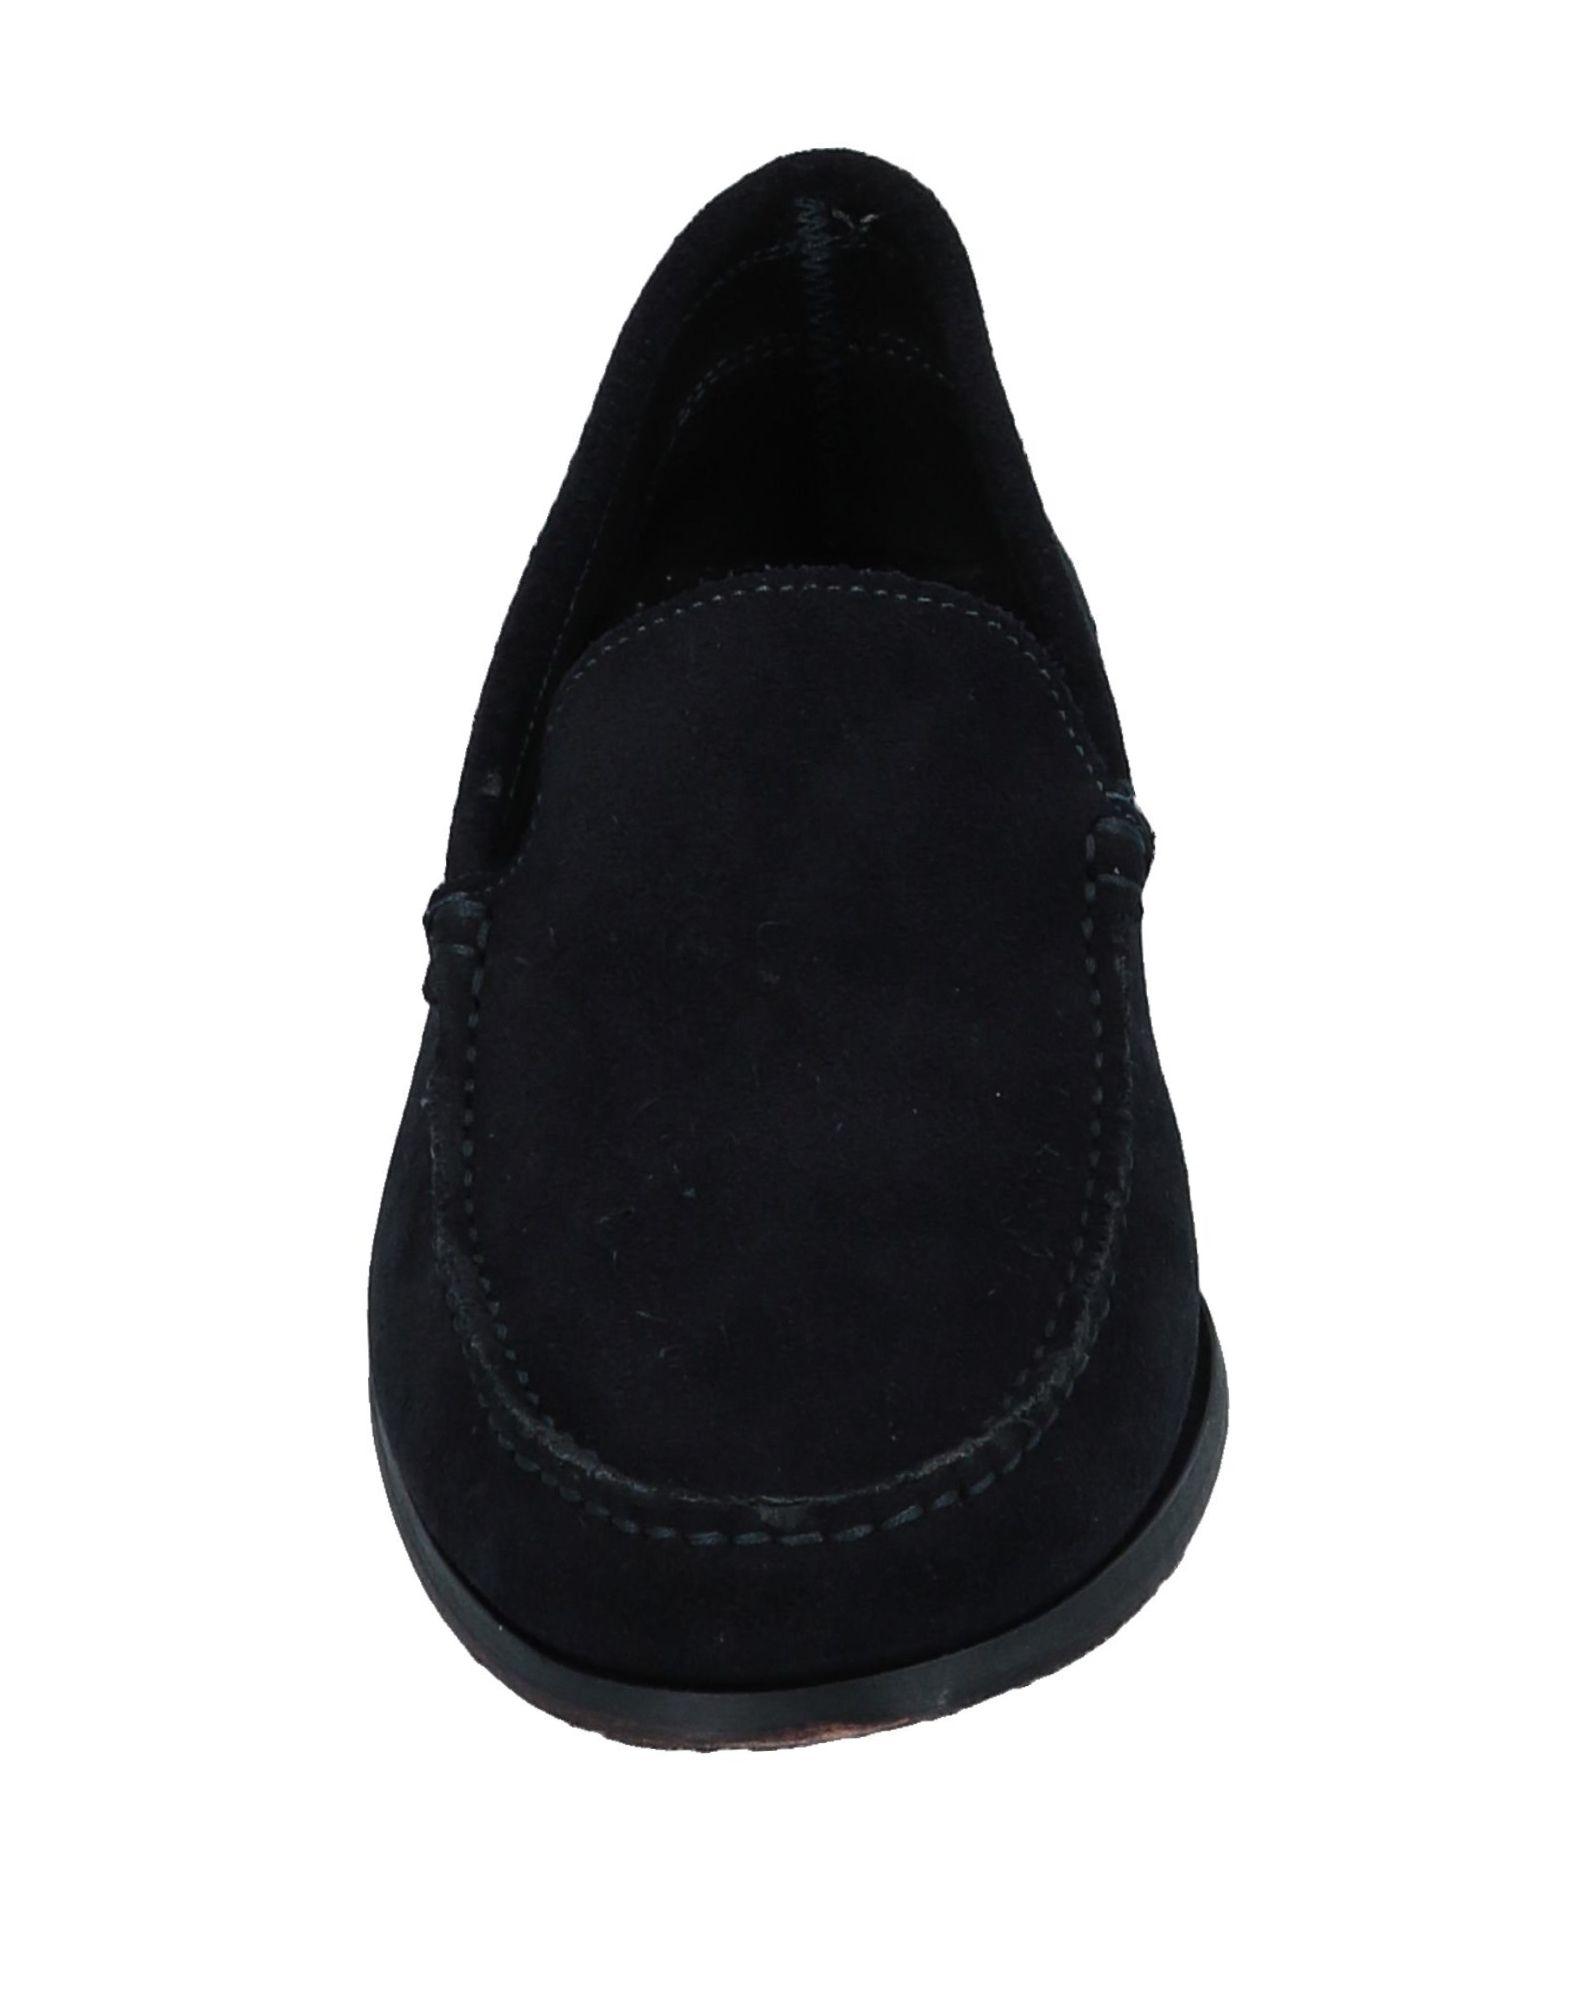 Rabatt echte Schuhe Herren Antica Cuoieria Mokassins Herren Schuhe  11557656FK bf59e9